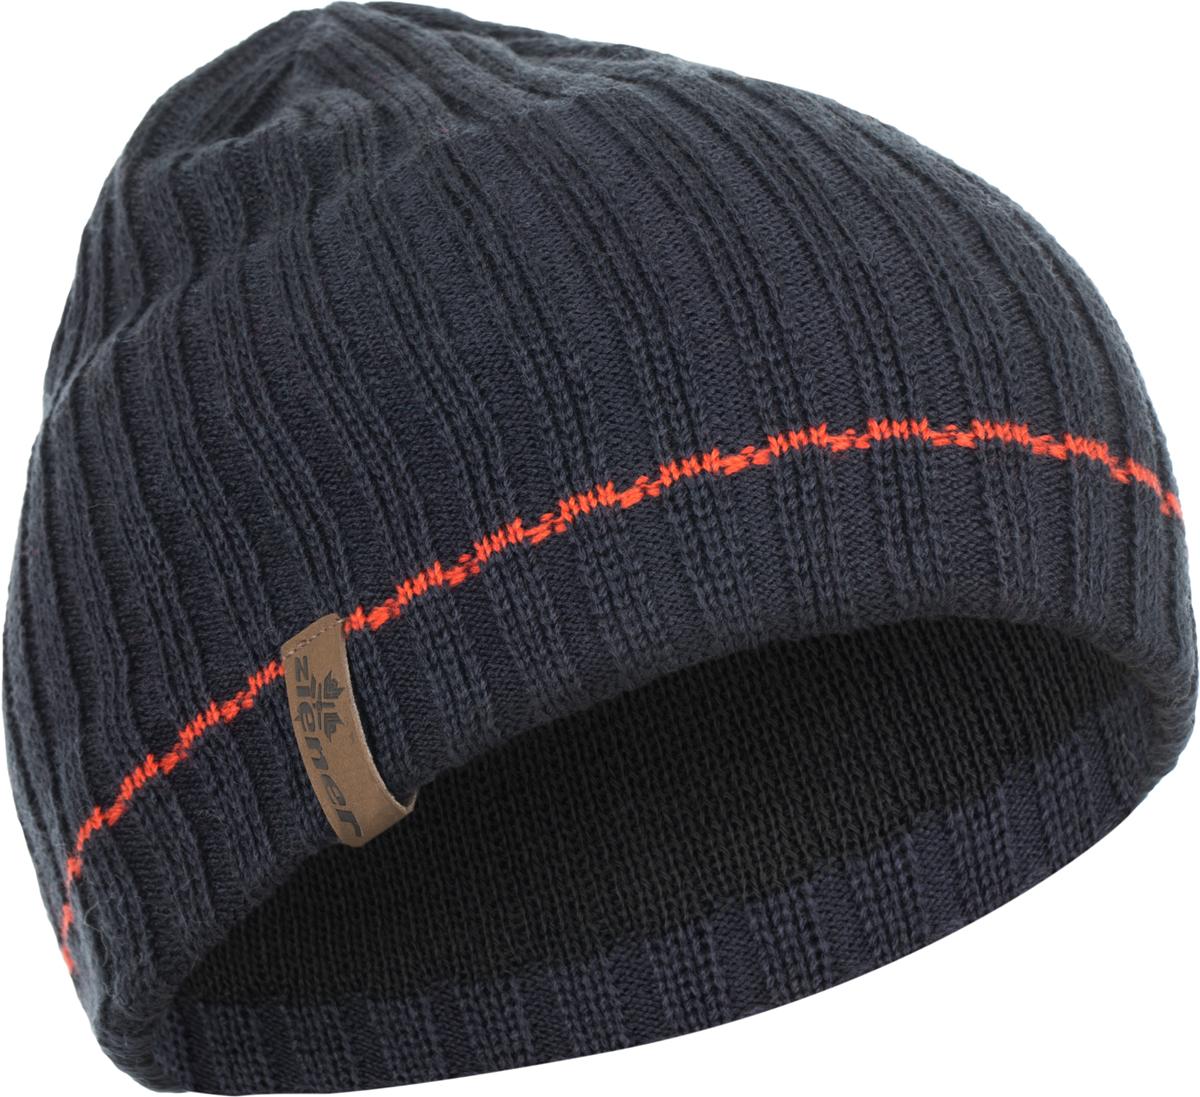 Шапка мужская Ziener Irgot Sm Hat, цвет: темно-синий. 170044-964. Размер универсальный170044-964